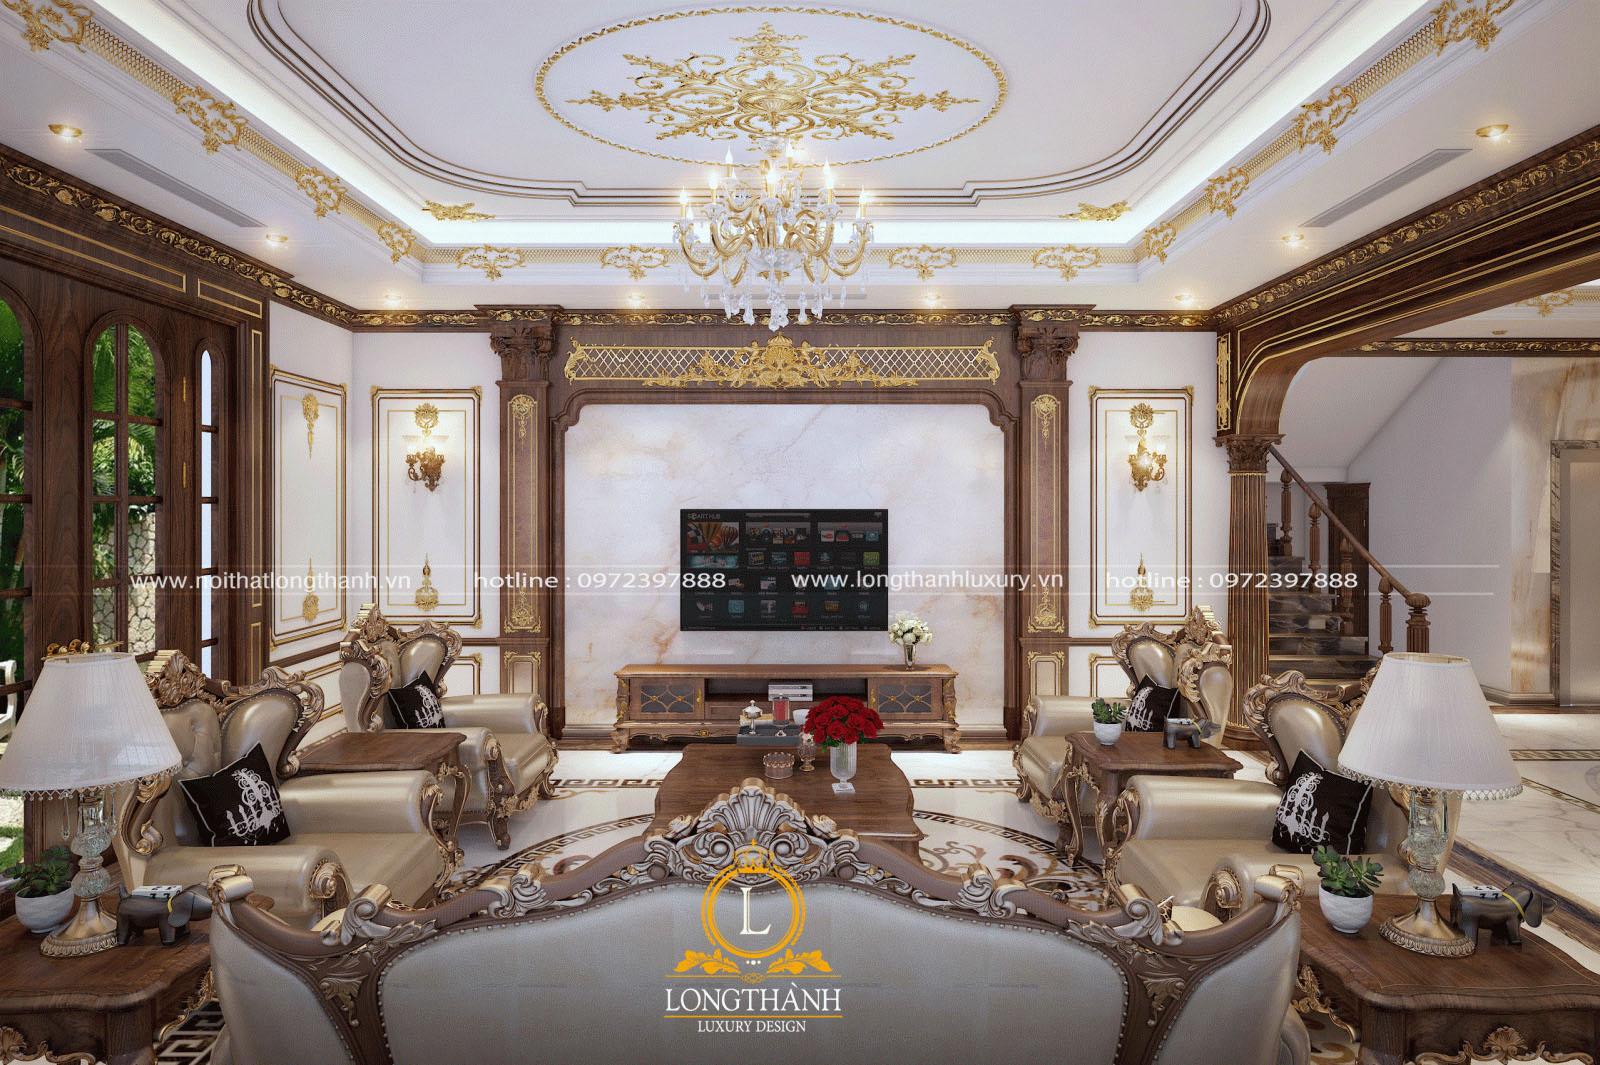 Mẫu sofa tân cổ điển làm cho căn phòng sang trọng hơn, đẳng cấp hơn